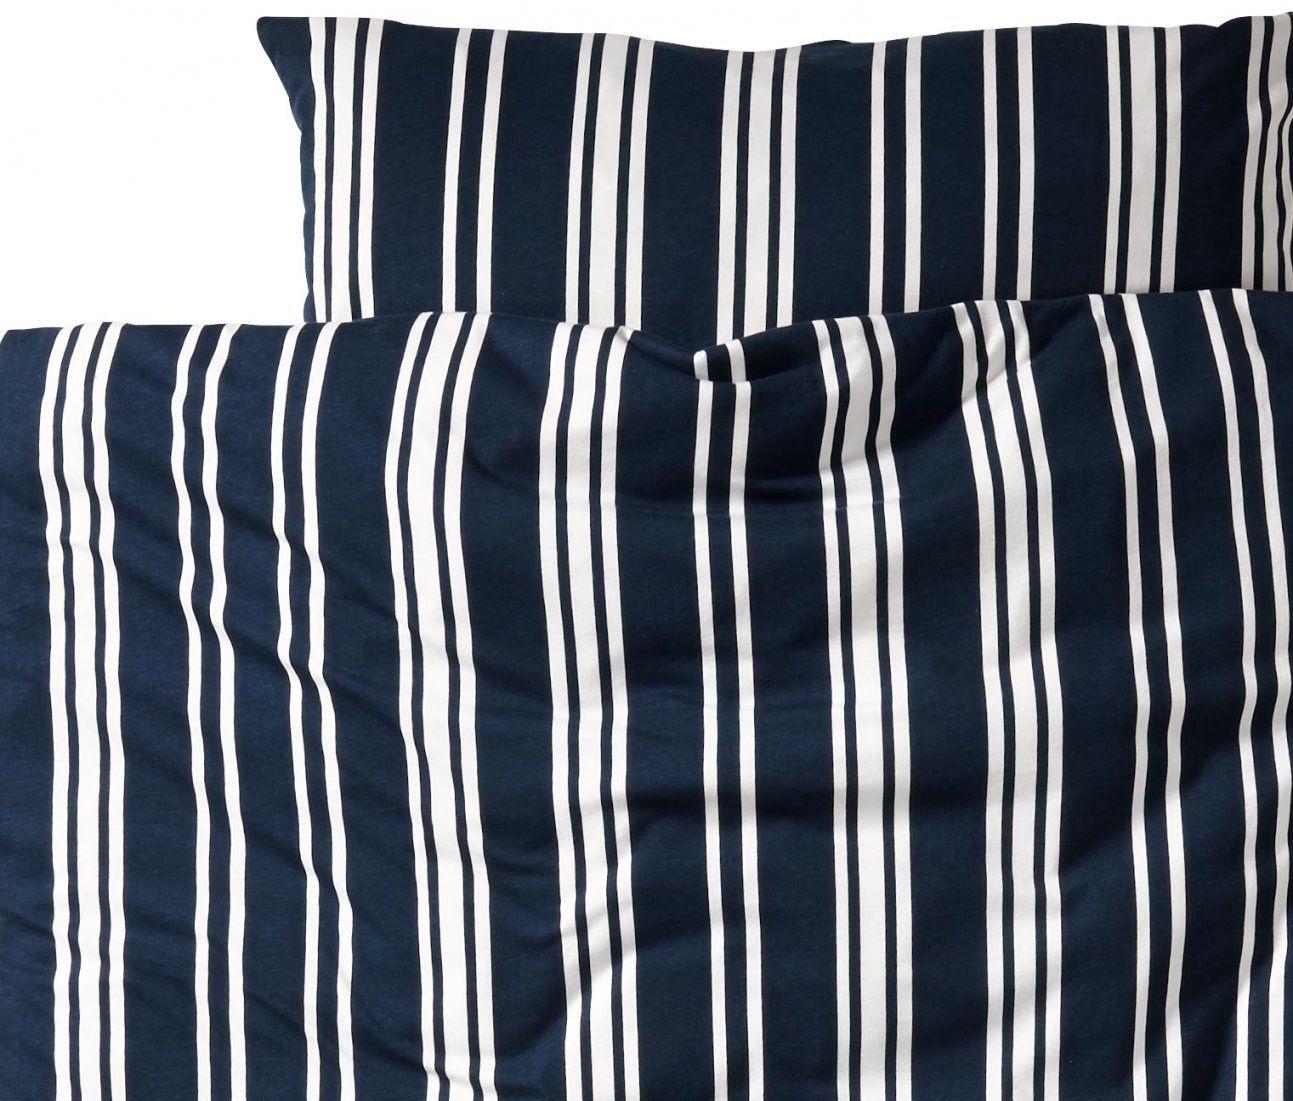 Jerseybettwäsche Blauweiß Gestreift Normalgröße Online Bestellen von Tchibo Bettwäsche Jersey Photo